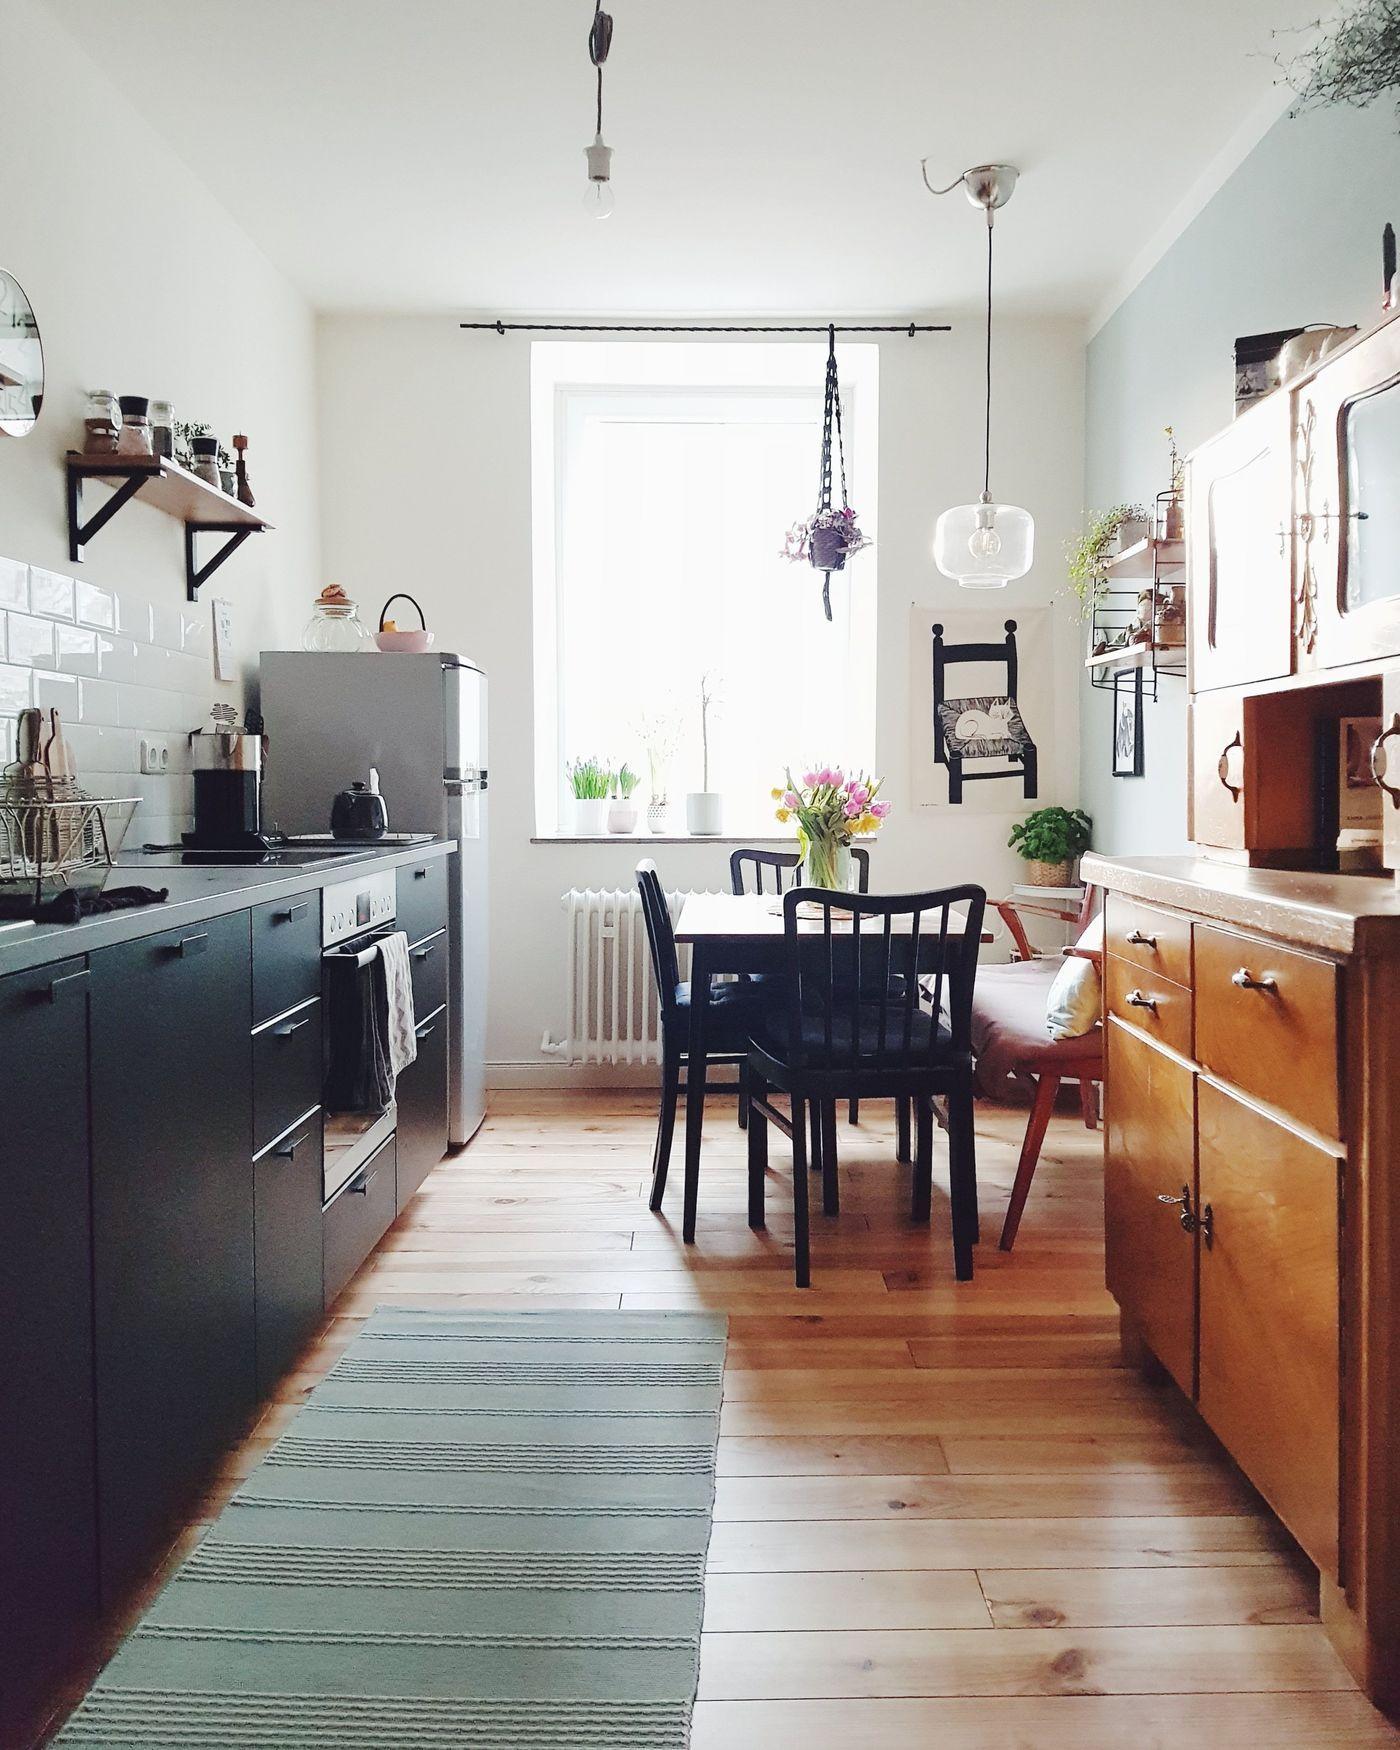 Full Size of Gardine Küche Winkel Pantryküche Mischbatterie Massivholzküche Ikea Kosten Selbst Zusammenstellen Anthrazit Moderne Deckenleuchte Wohnzimmer Hochschrank Wohnzimmer Wanddeko Küche Modern